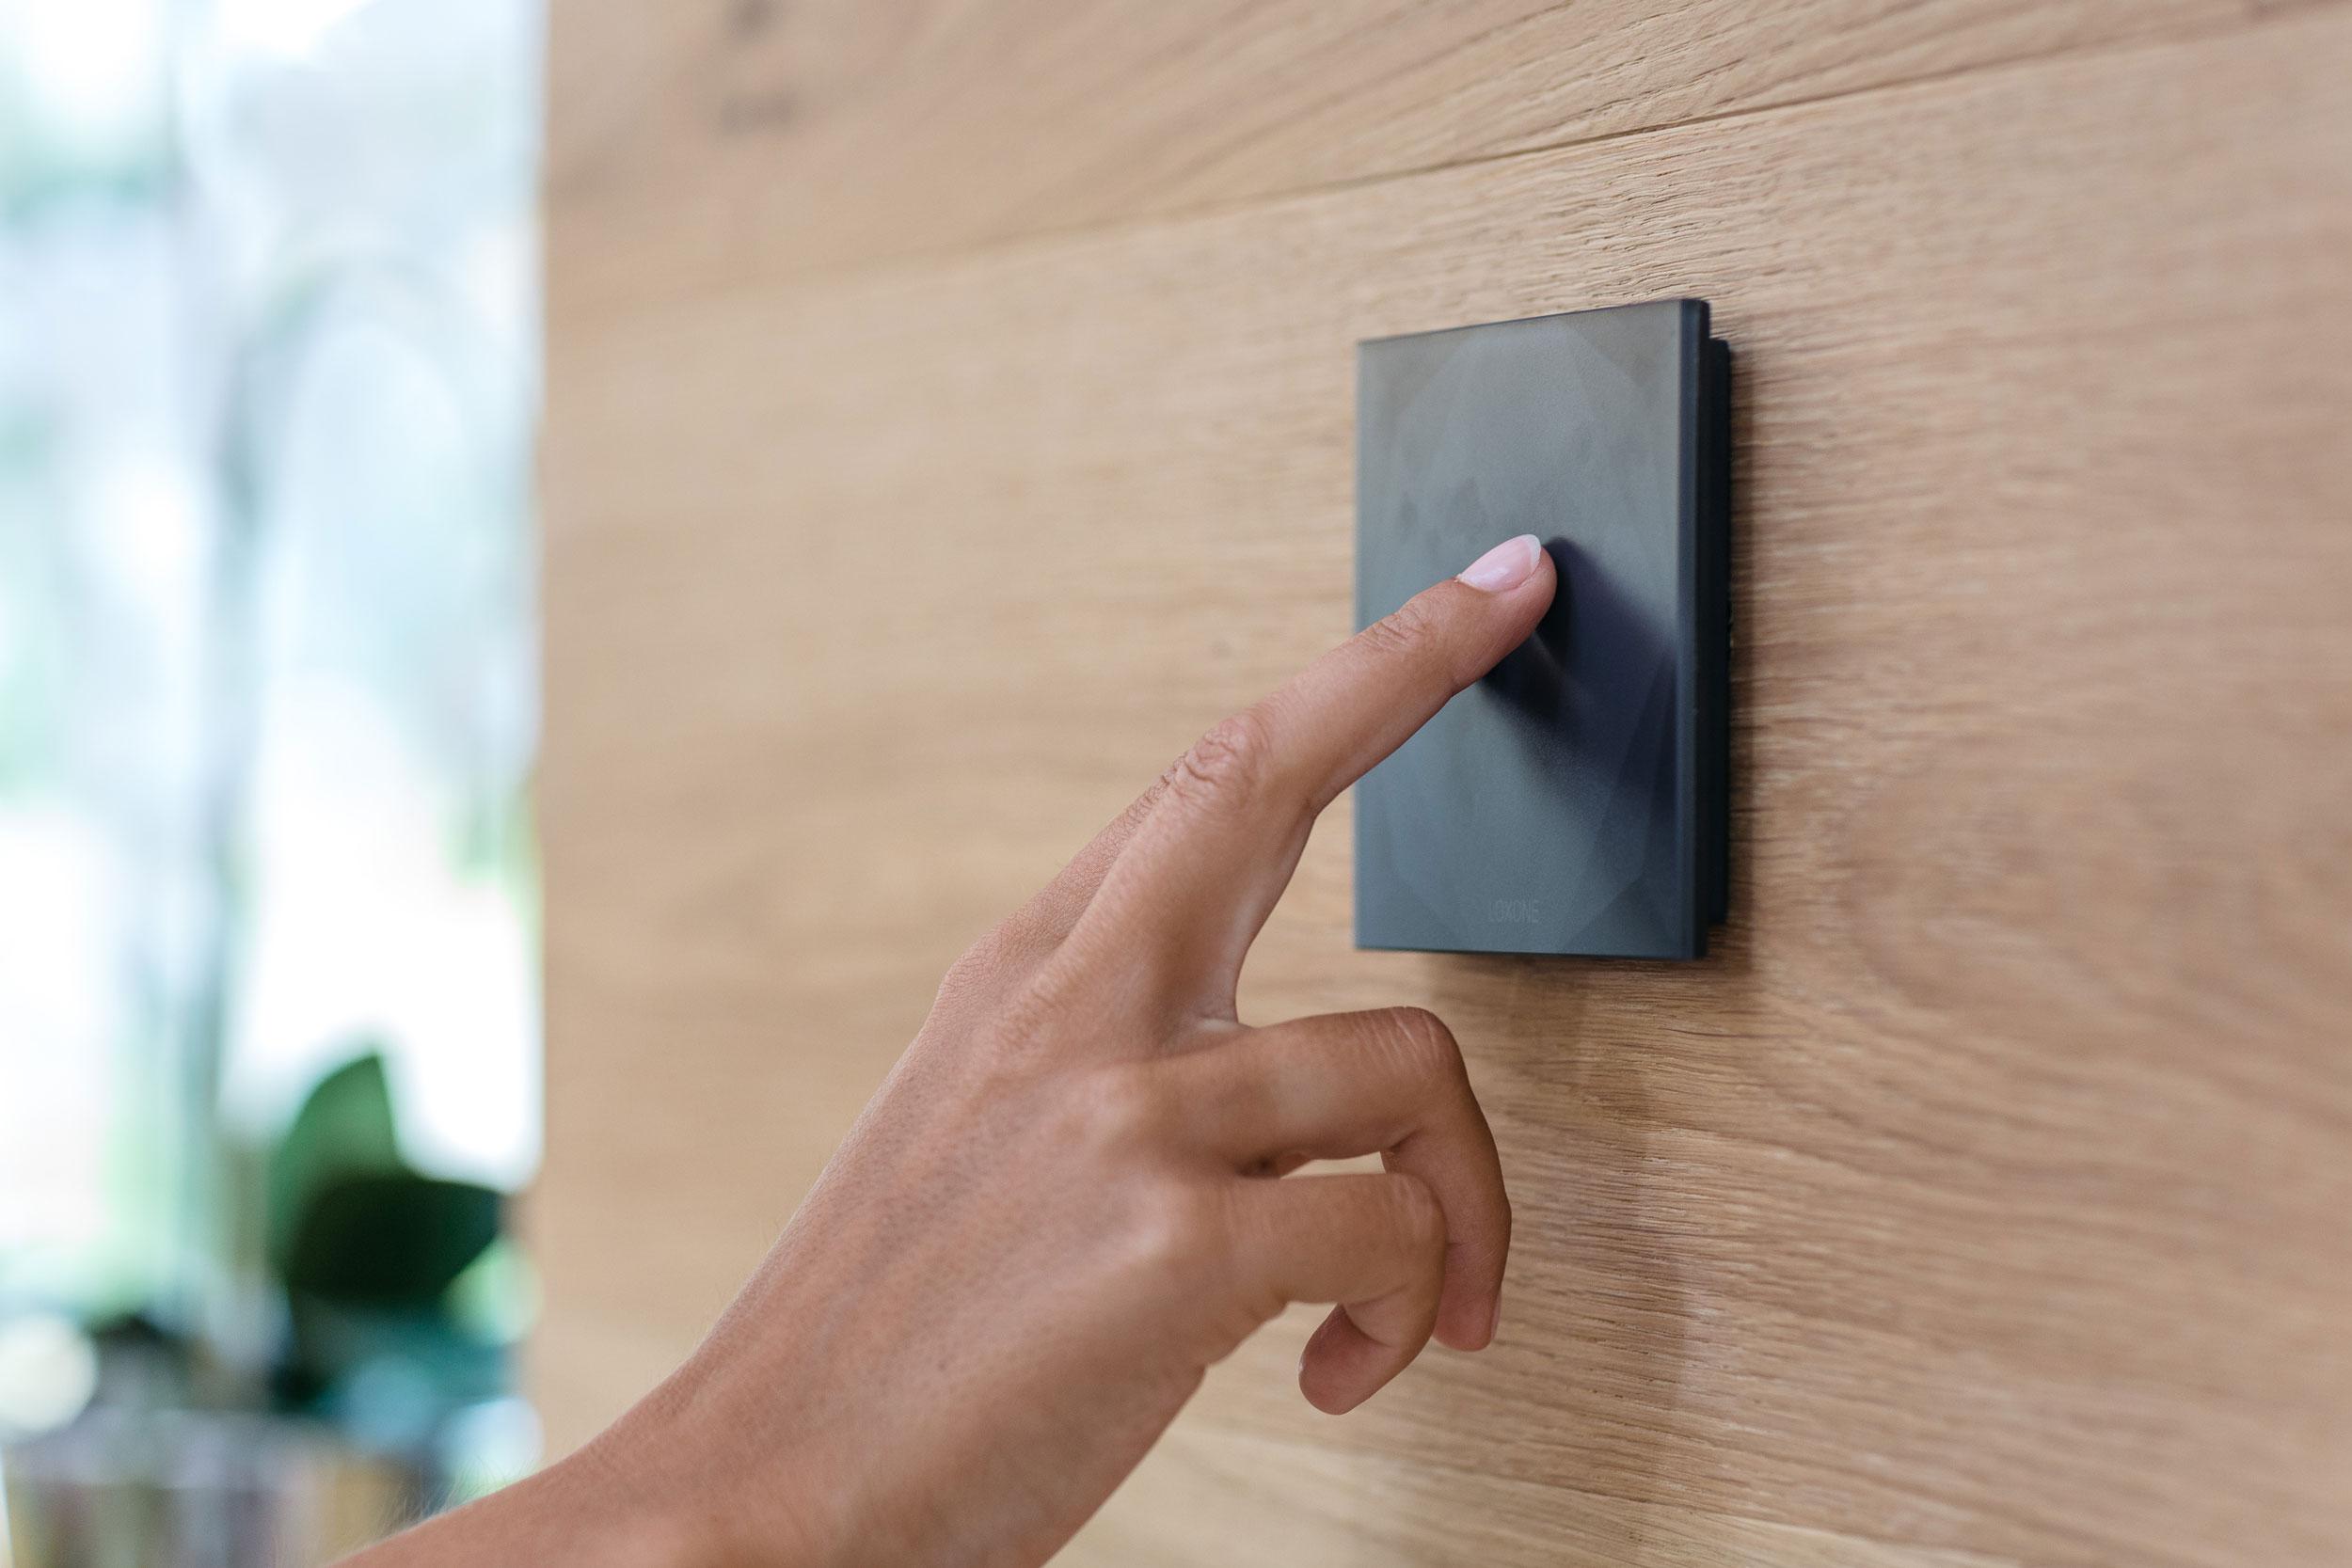 przycisk do sterowania funkcjami inteligentnego budynku